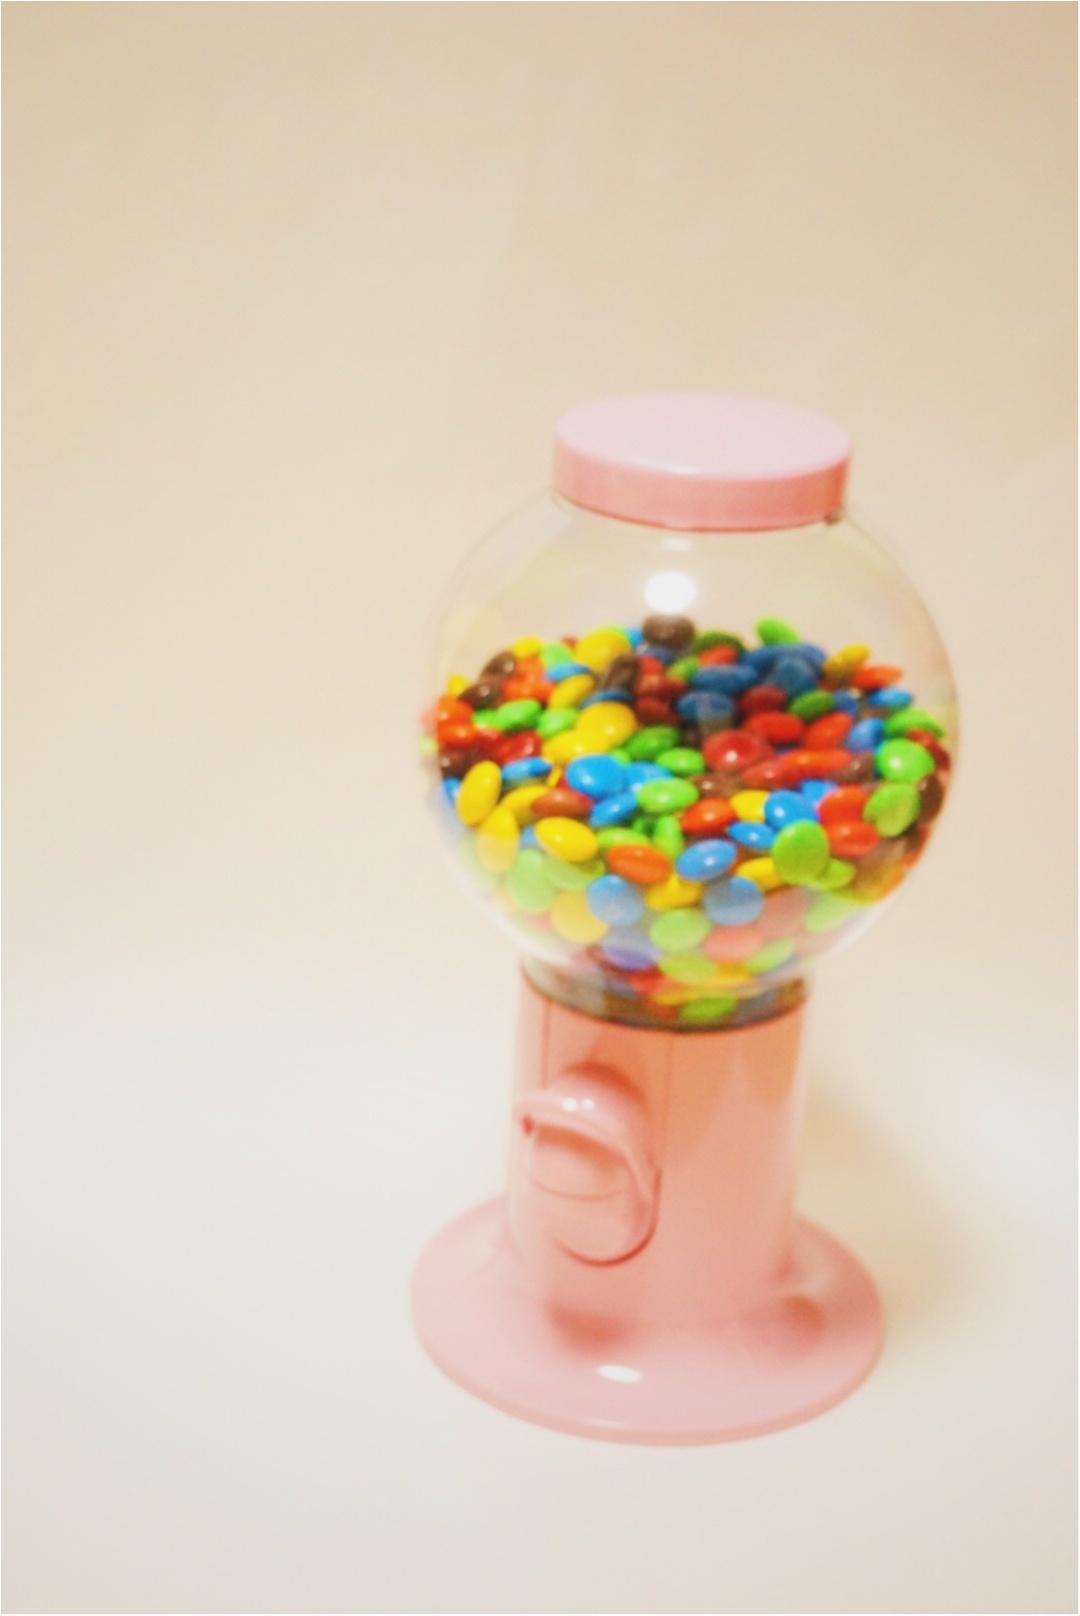 《JUST PINK IT!》この春は『ピンク』に囲まれたい♪【PLAZA】のピンク特集で限定の〇〇〇をGET♡_5